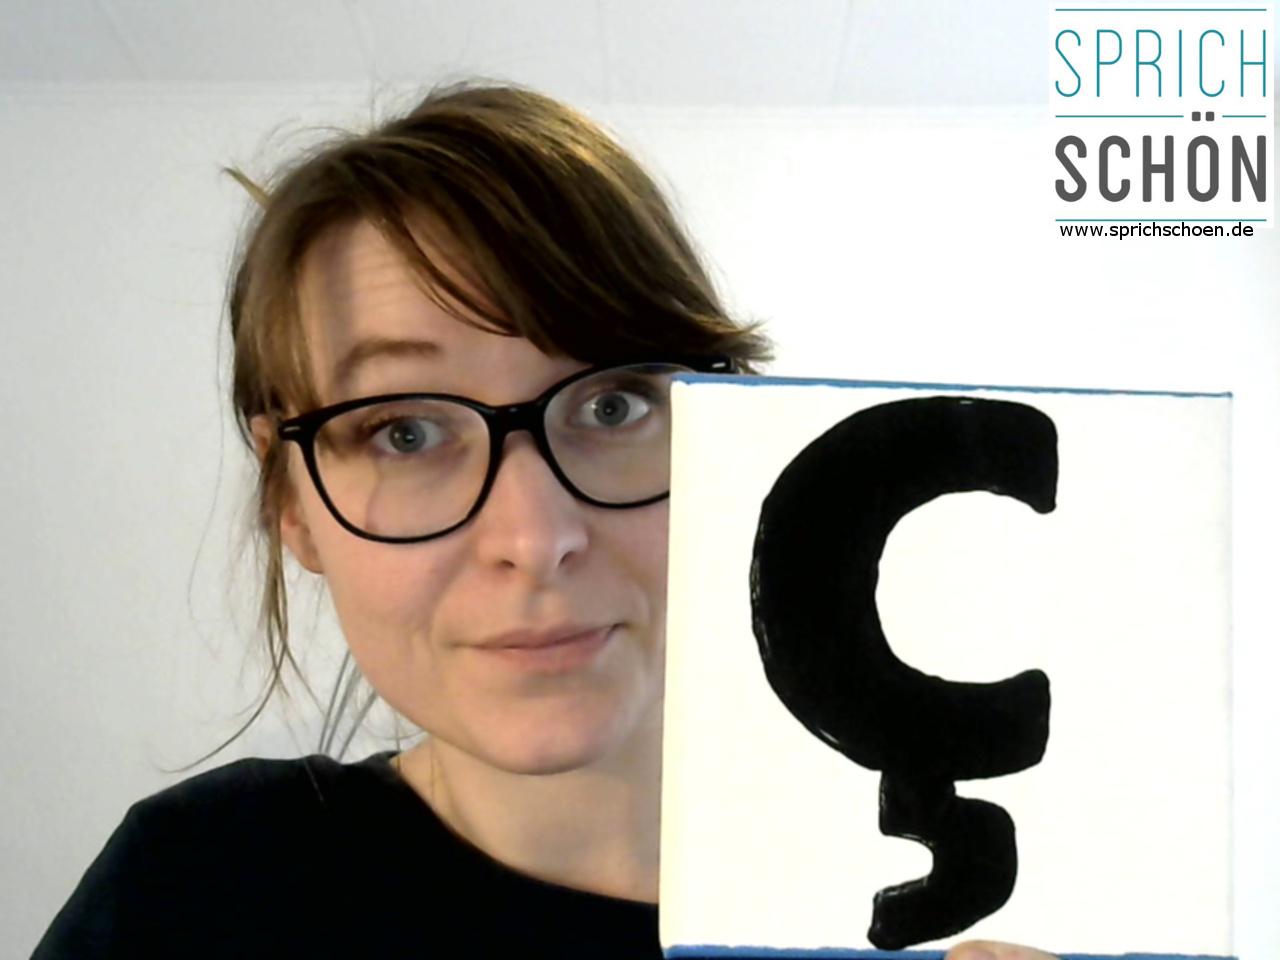 aussprache deutsch deutlich sprechen akzent dialekt